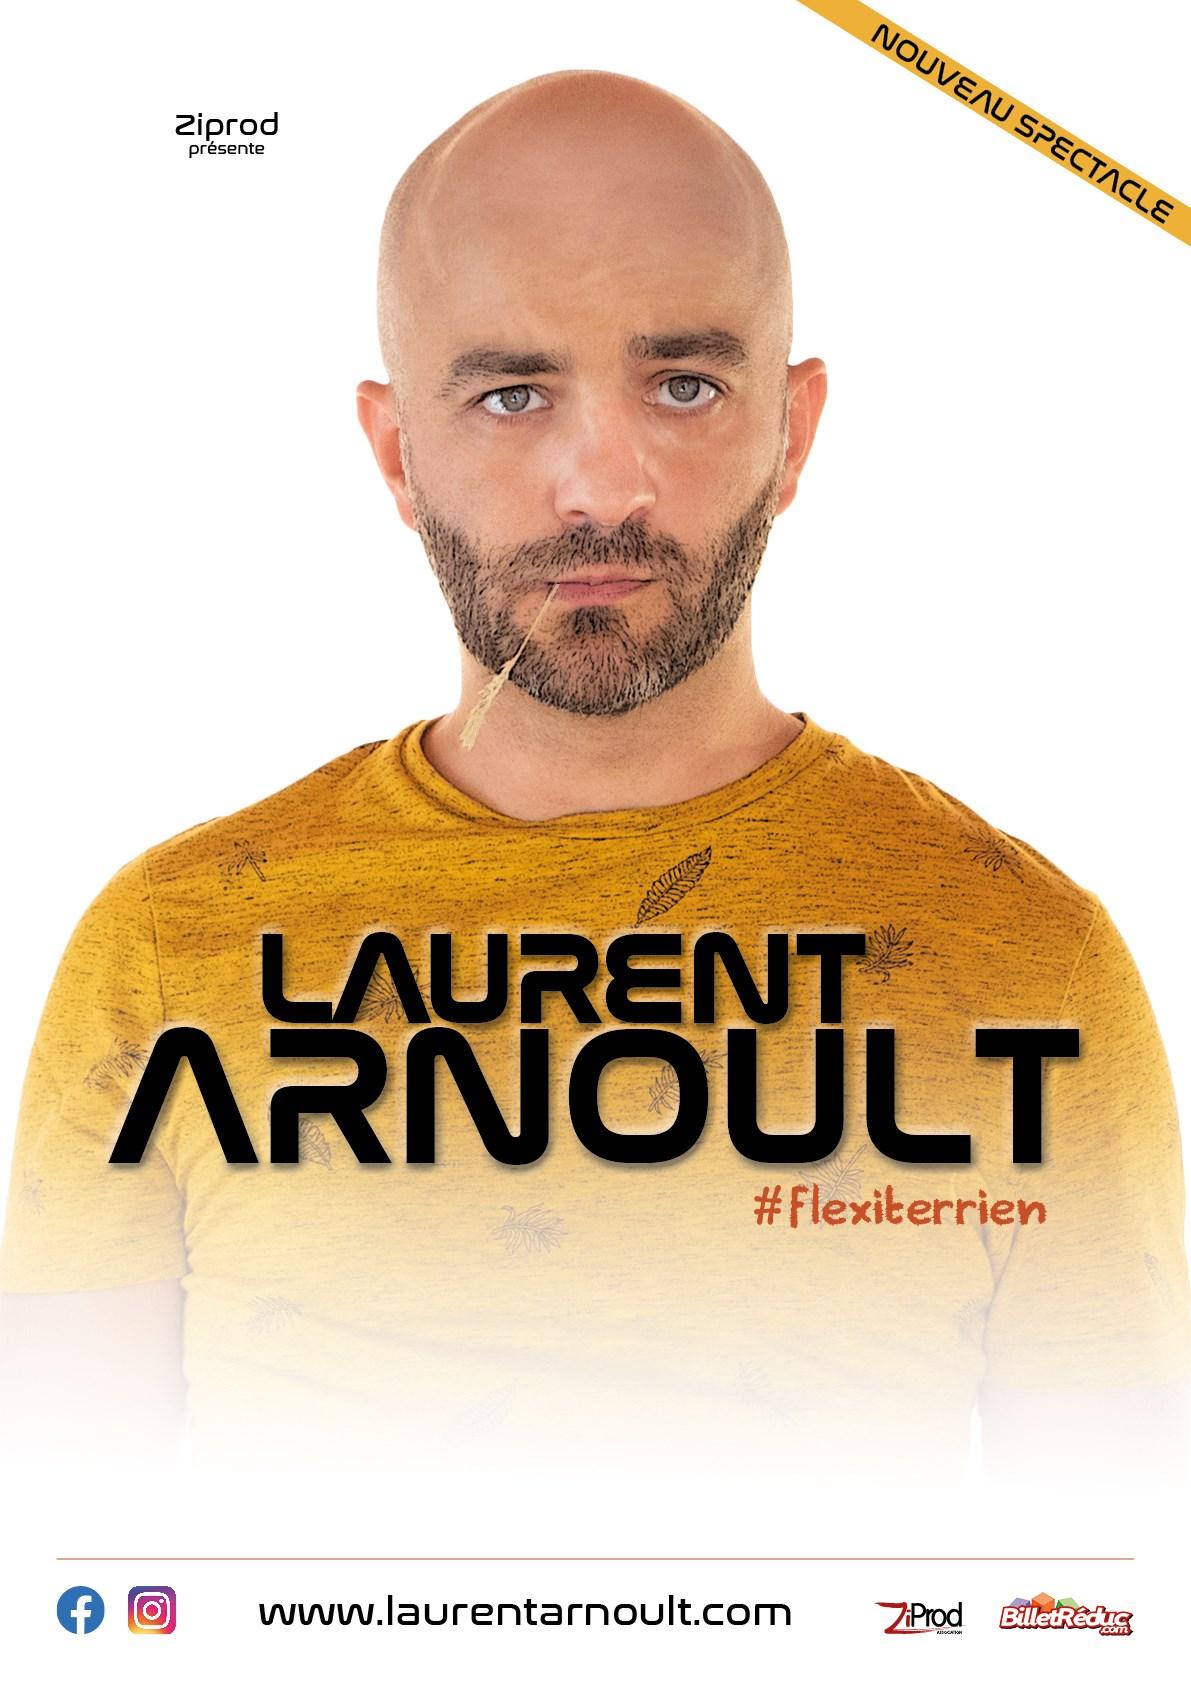 Laurent Arnoult - Humour - Marseille - One man show - 13006